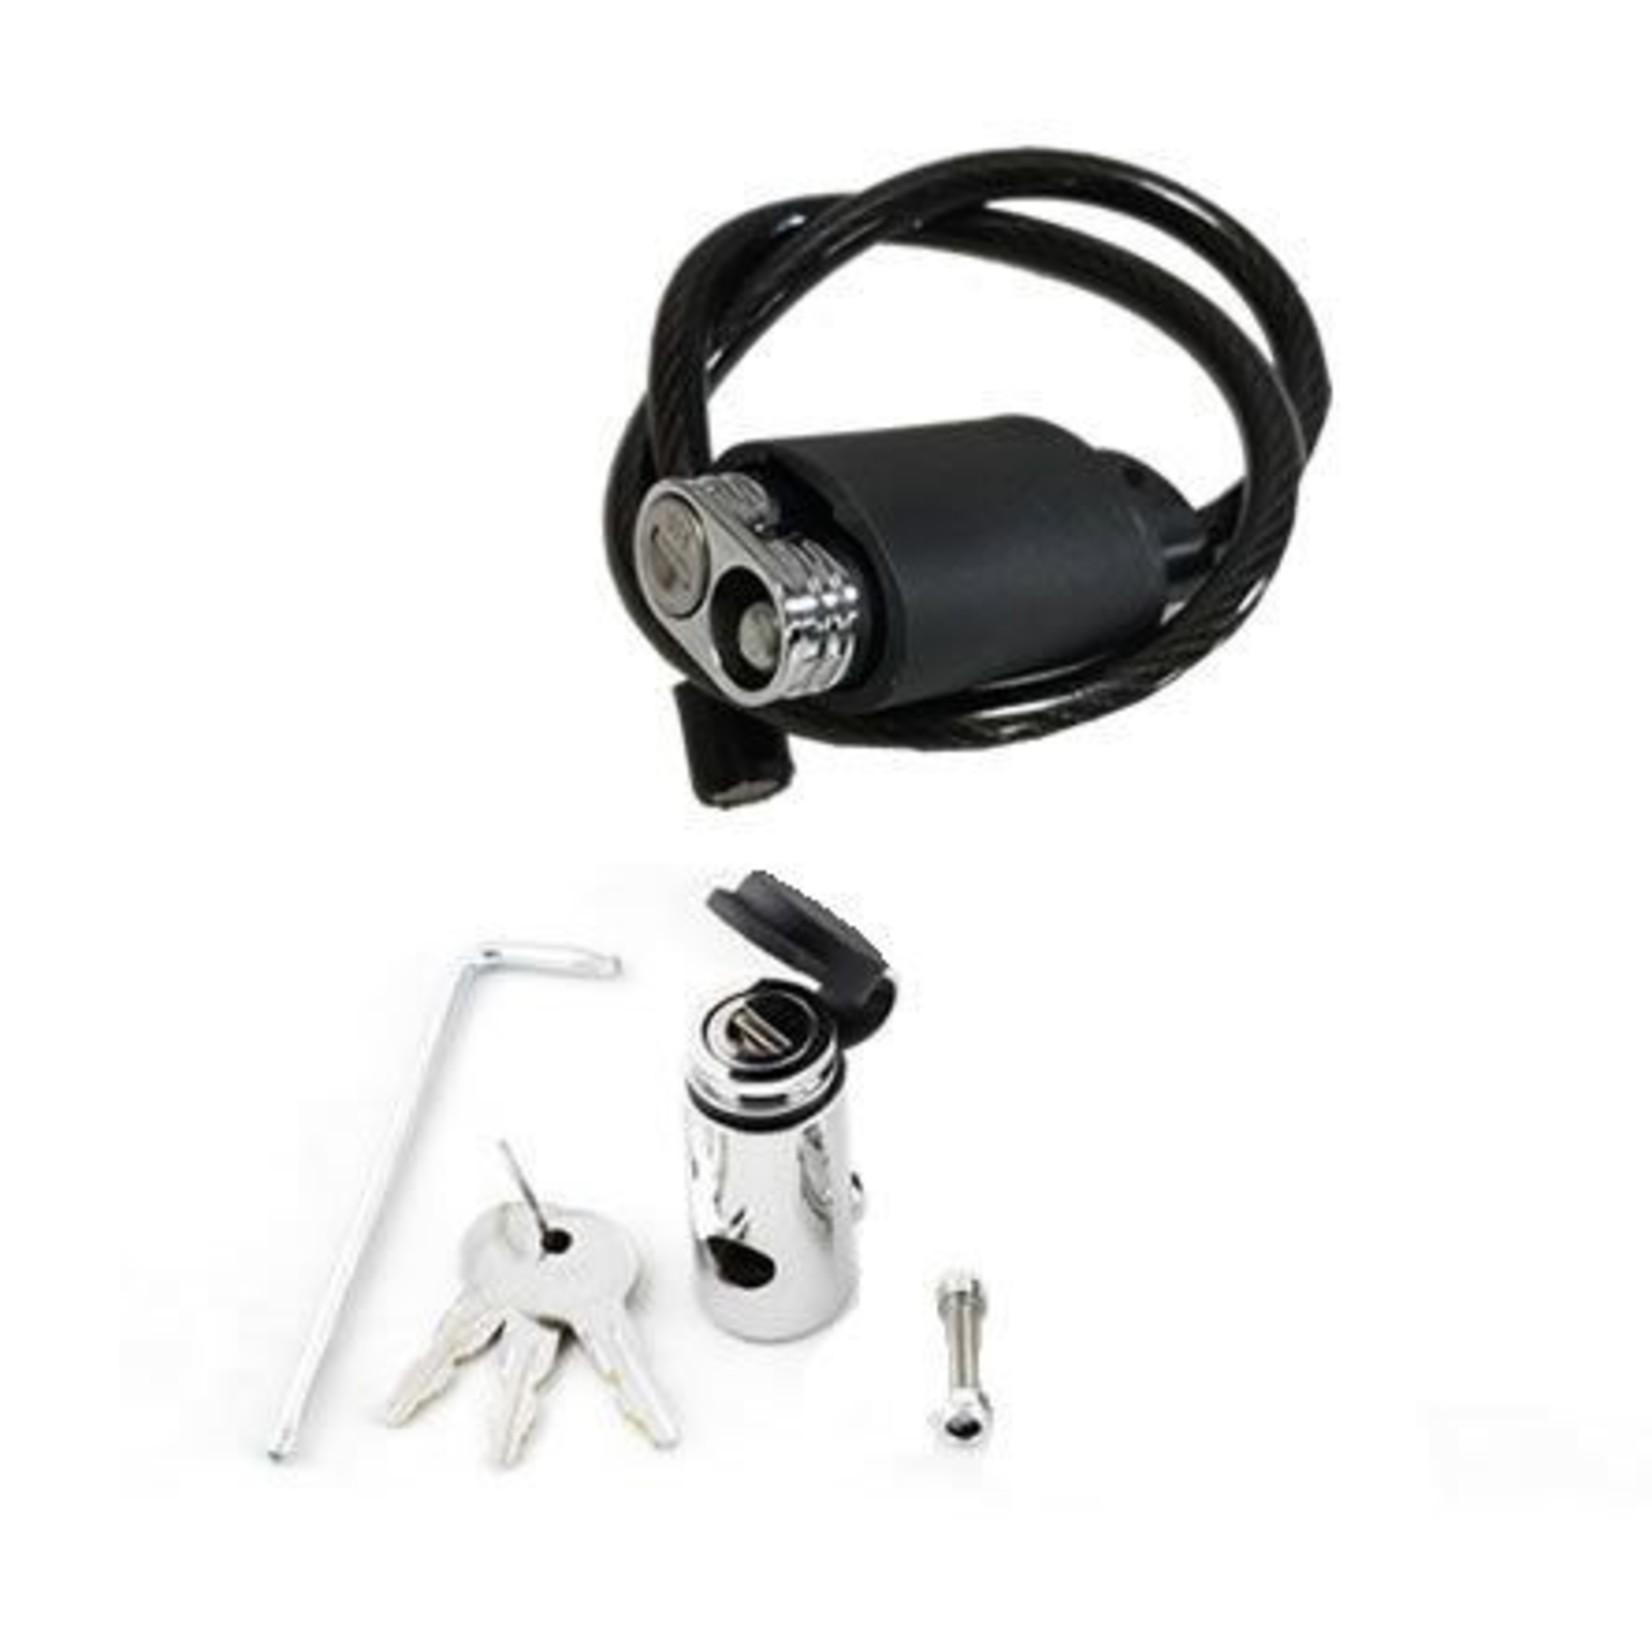 Kuat Kuat Transfer Lock Kit- 3 Bike Lock Kit